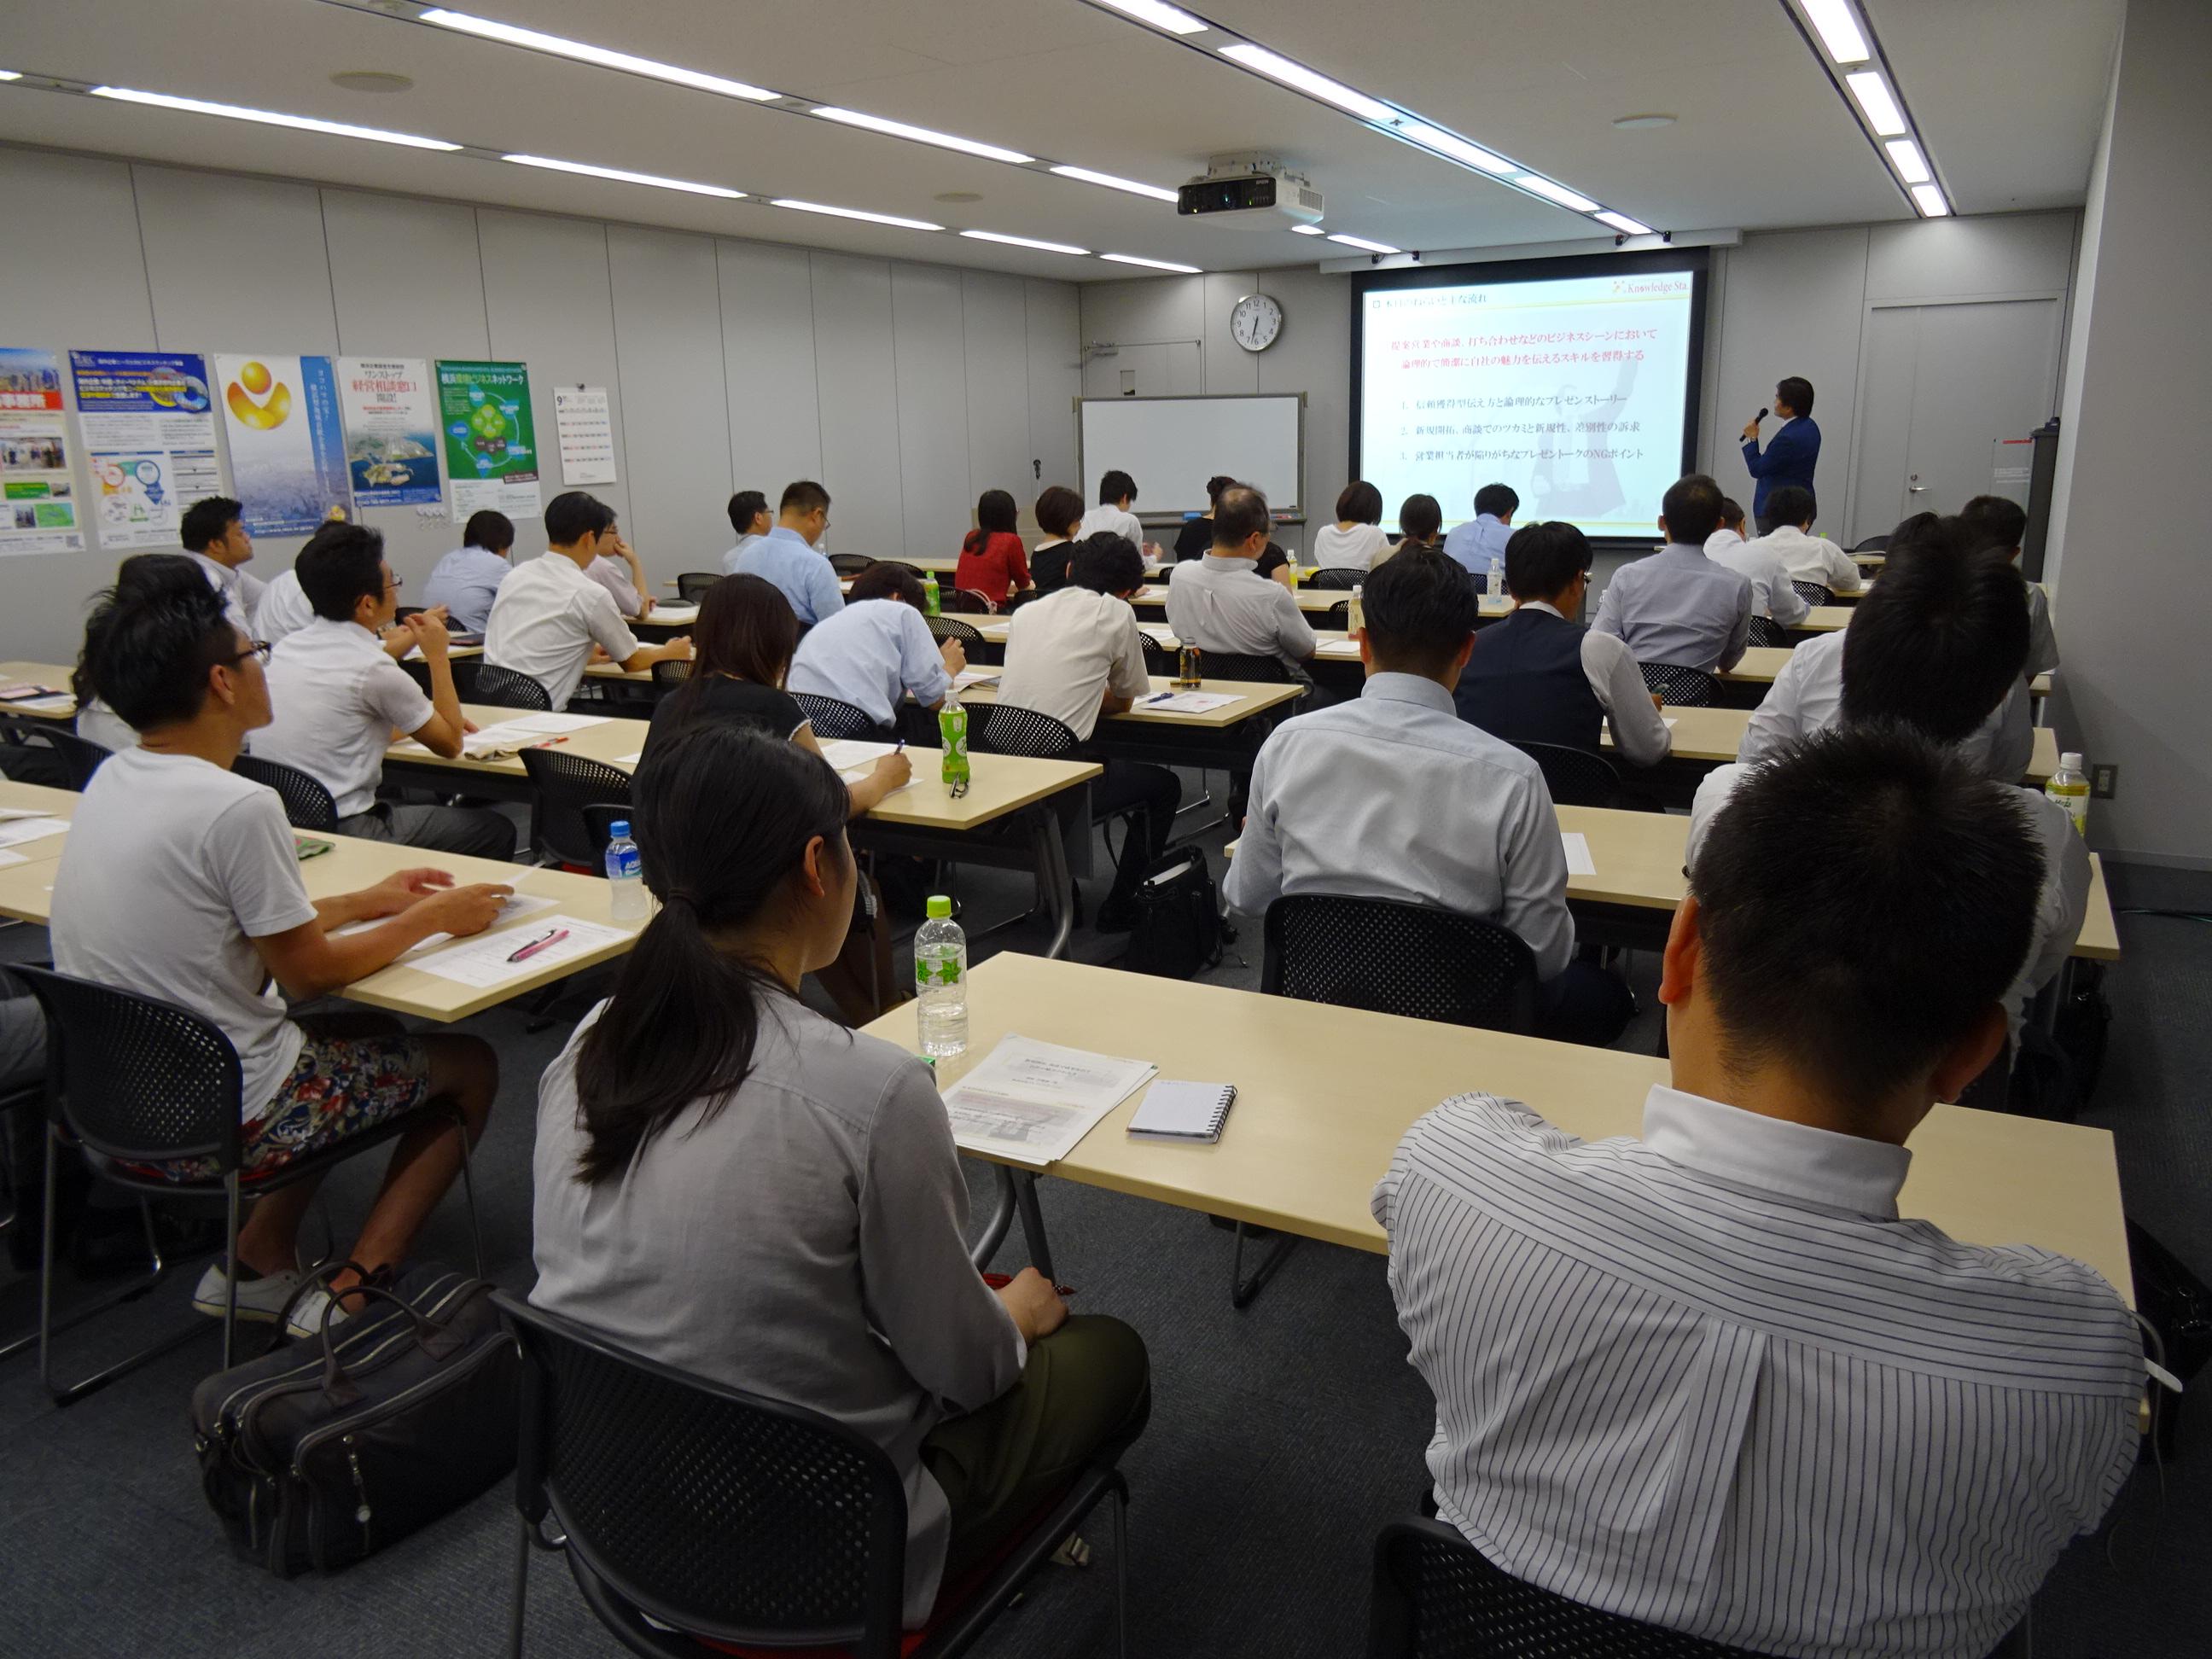 【横浜】新規開拓、商談で成果を出す自社の魅力の伝え方画像02